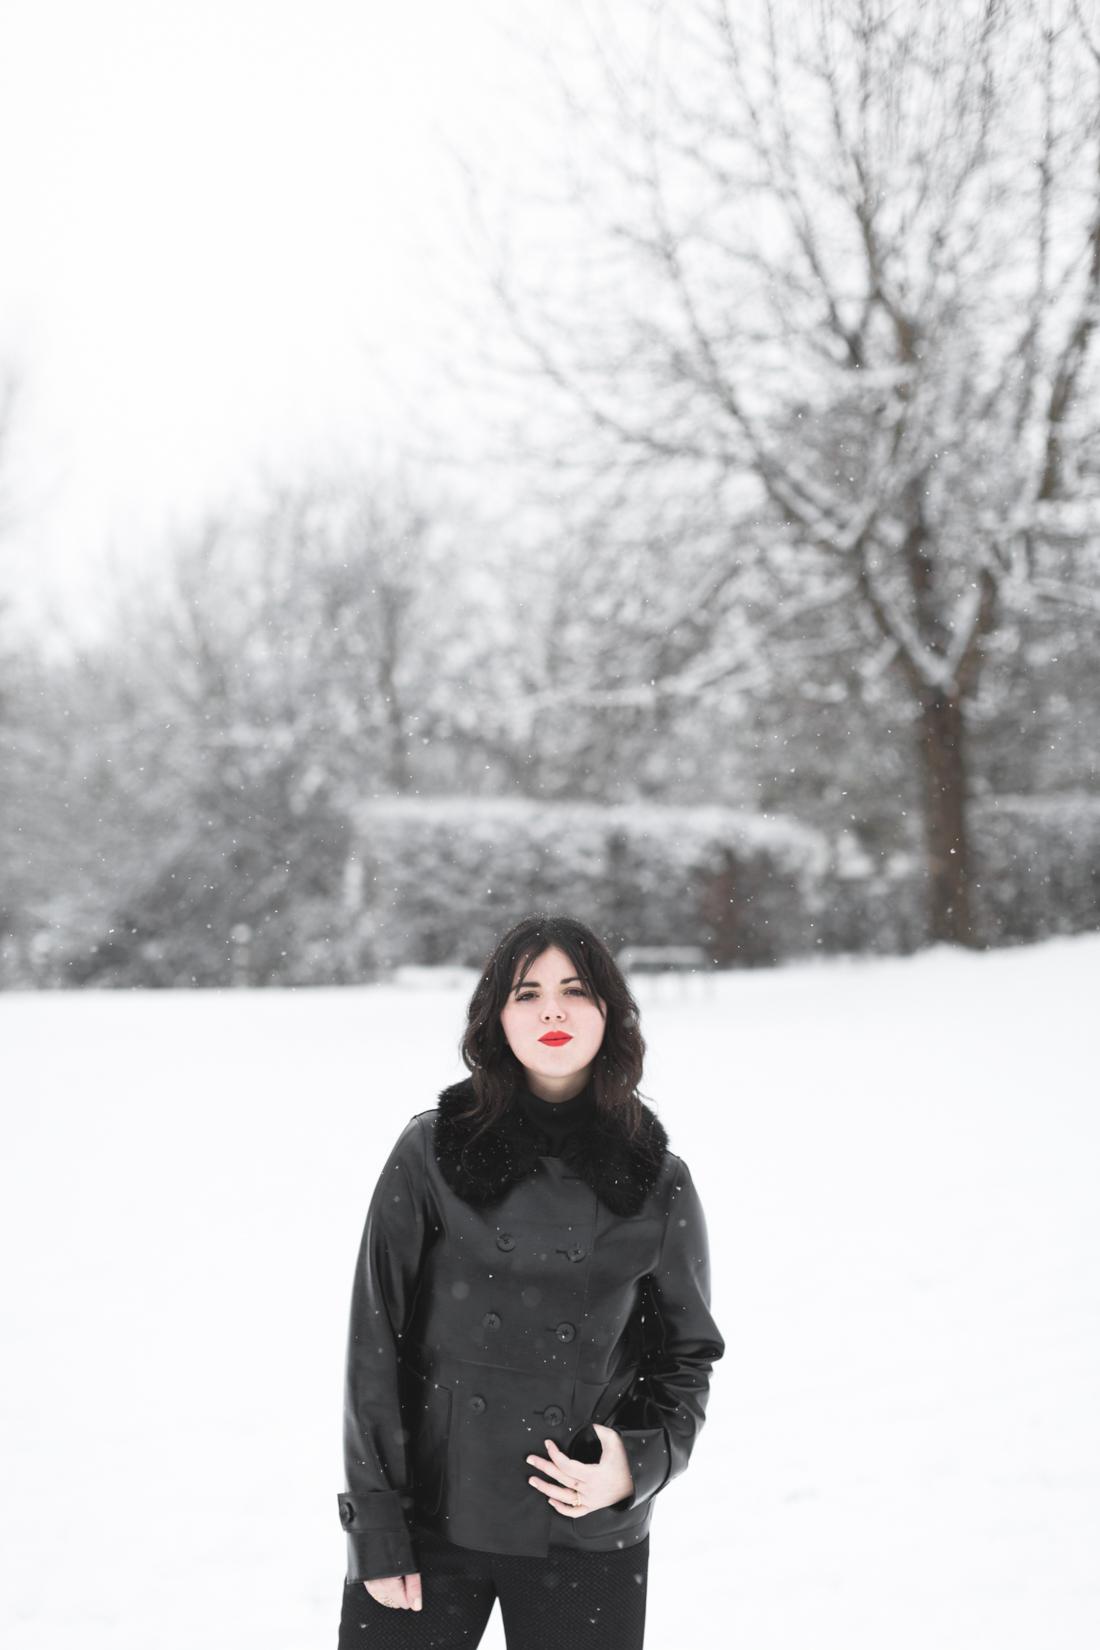 soldes hiver 1 2 3 Paris copyright Pauline paulinefashionblog com 1 2 Pulverschnee